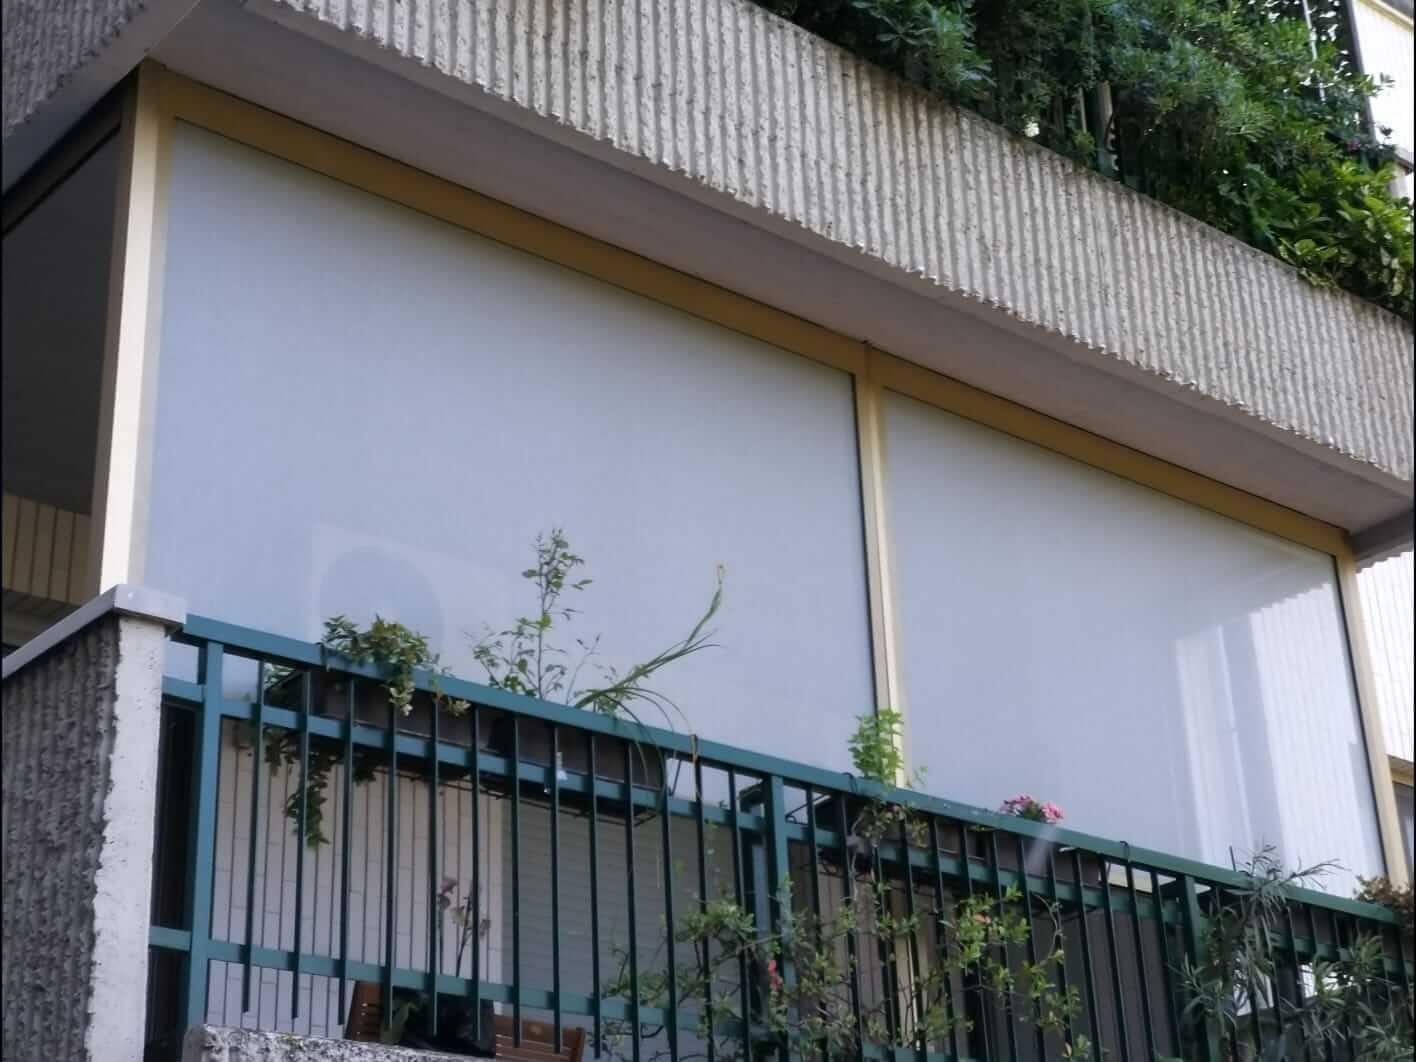 Vendita e installazione zanzariere a Milano